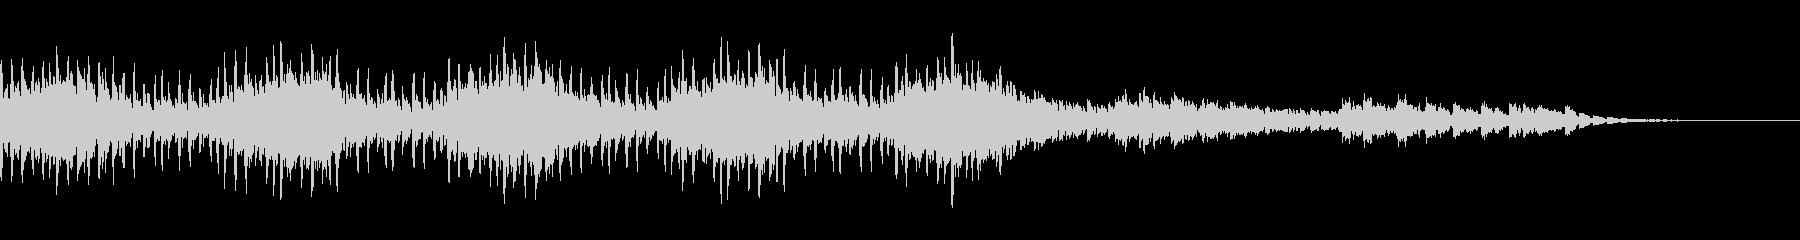 シリアスで宇宙的な音色の楽曲の未再生の波形